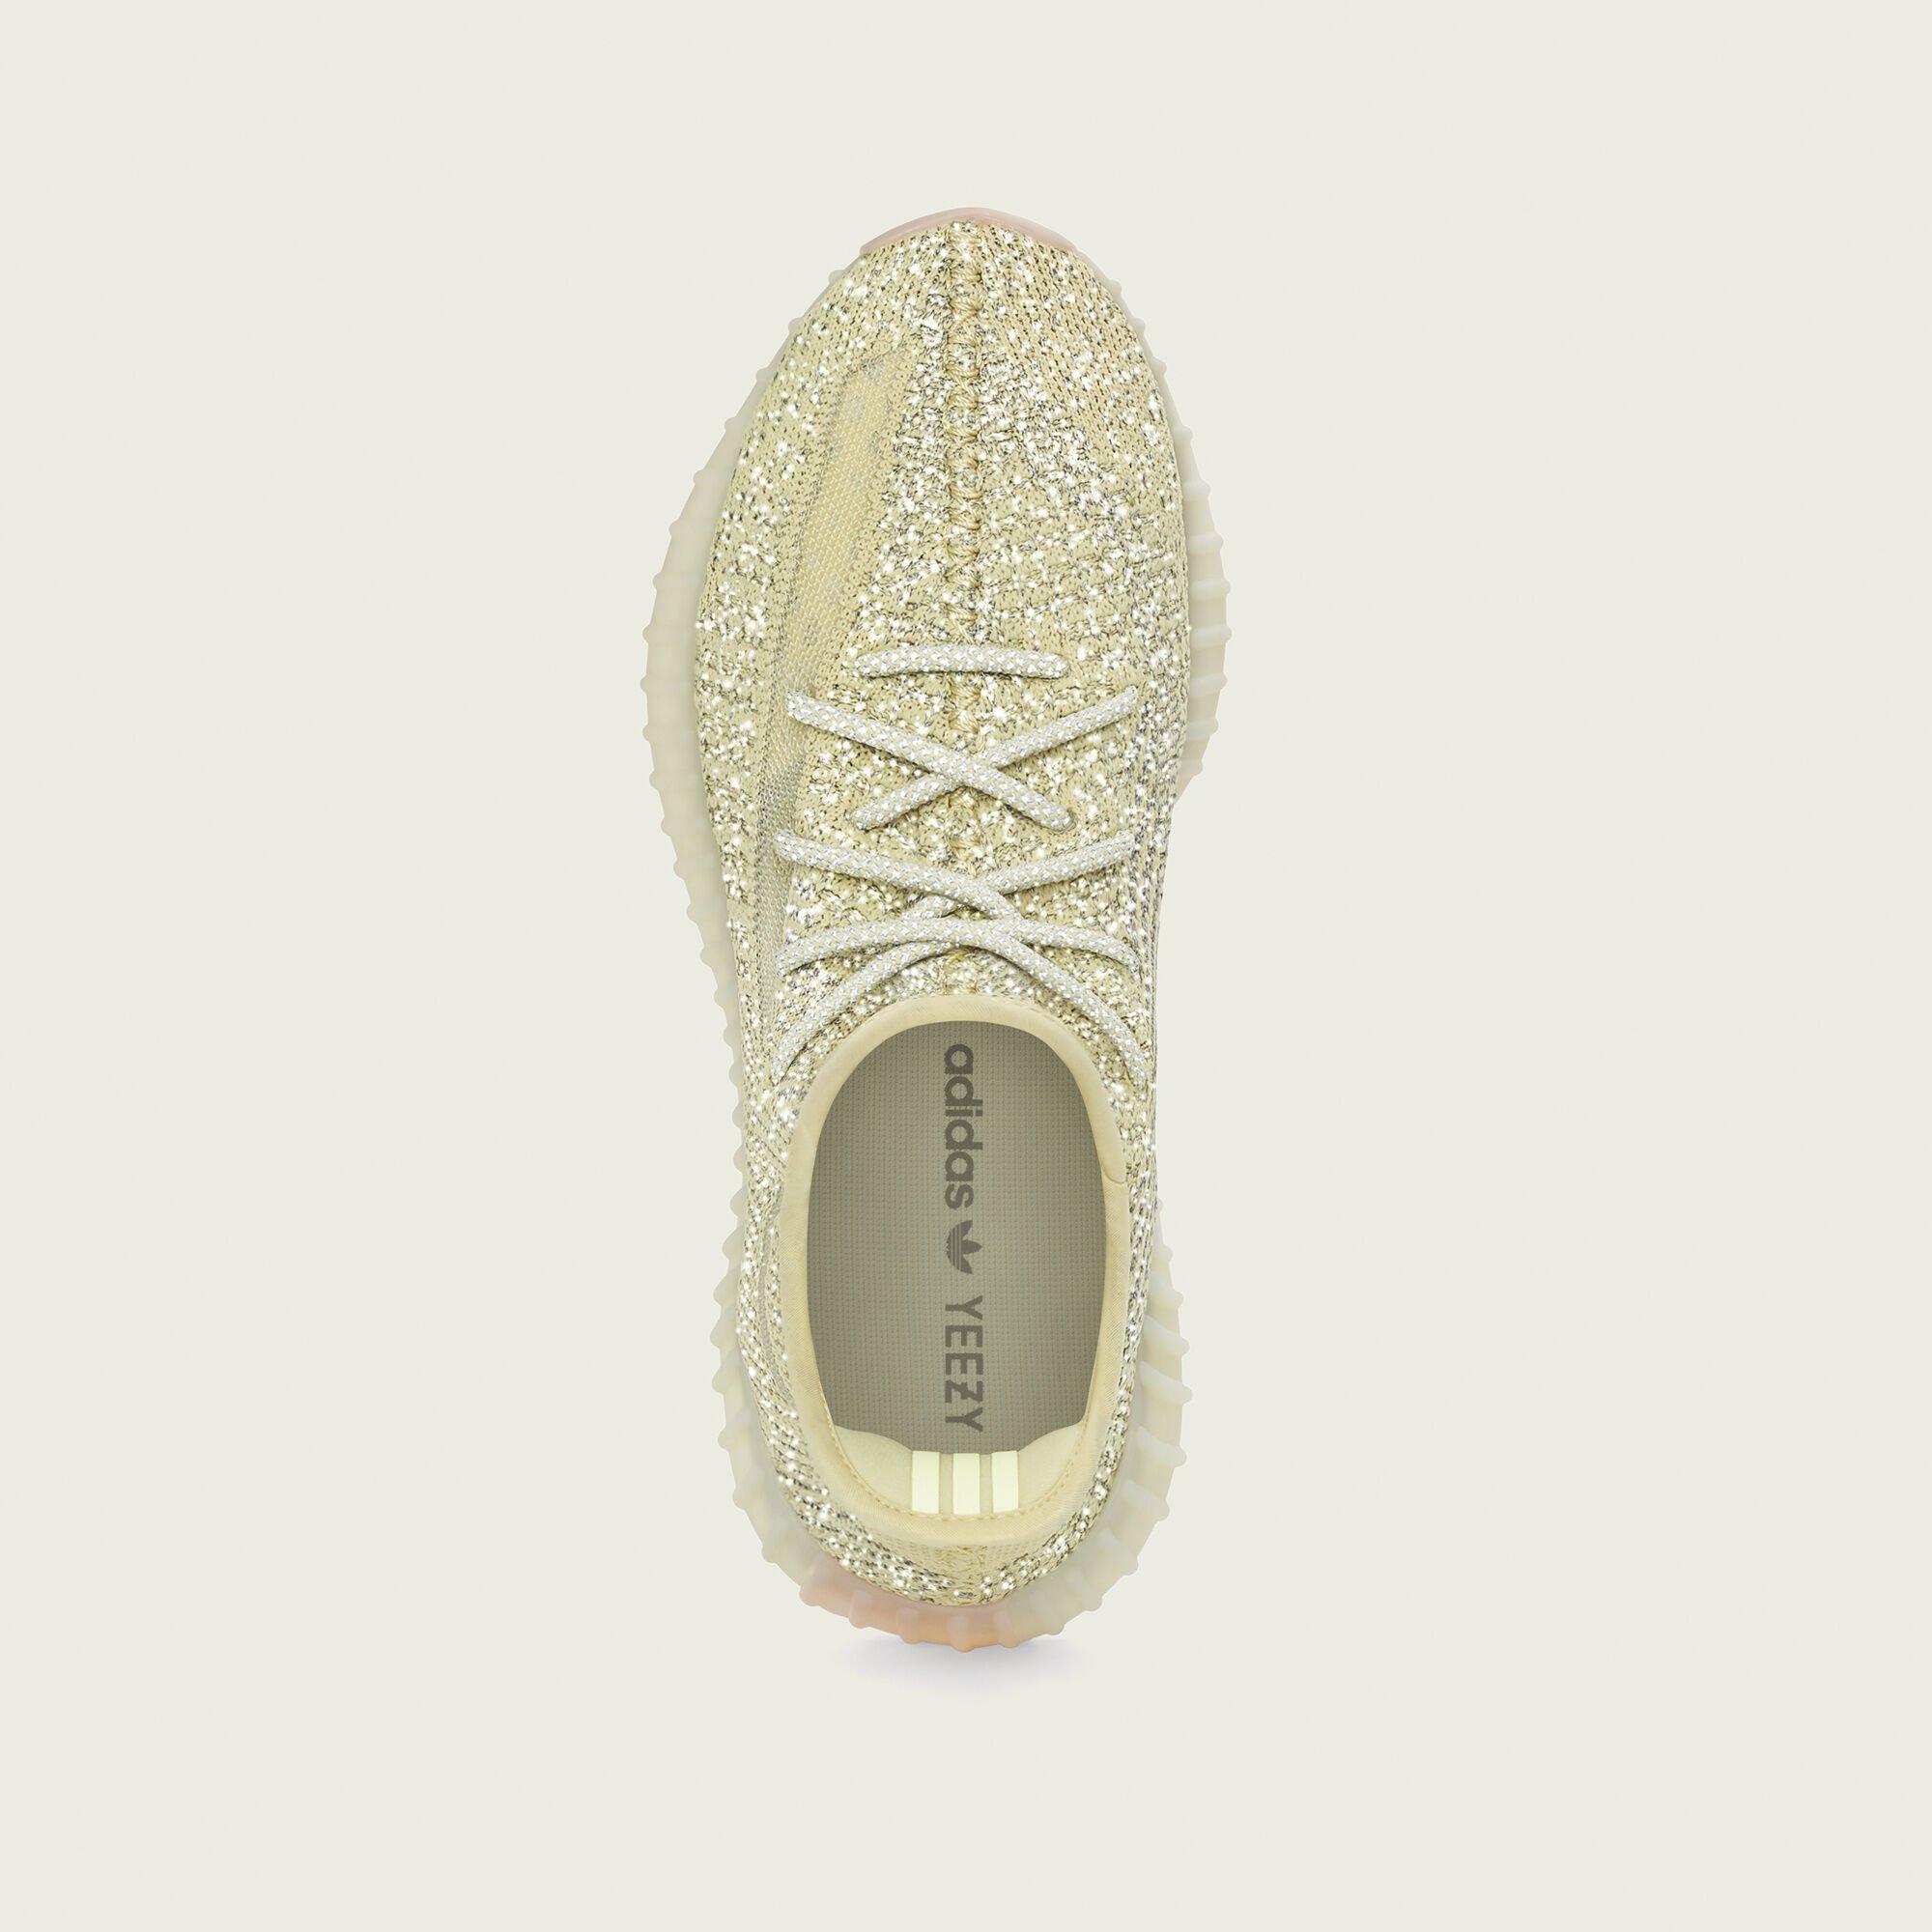 adidas Yeezy Boost 350 V2 Antlia (Reflective) (FV3255)